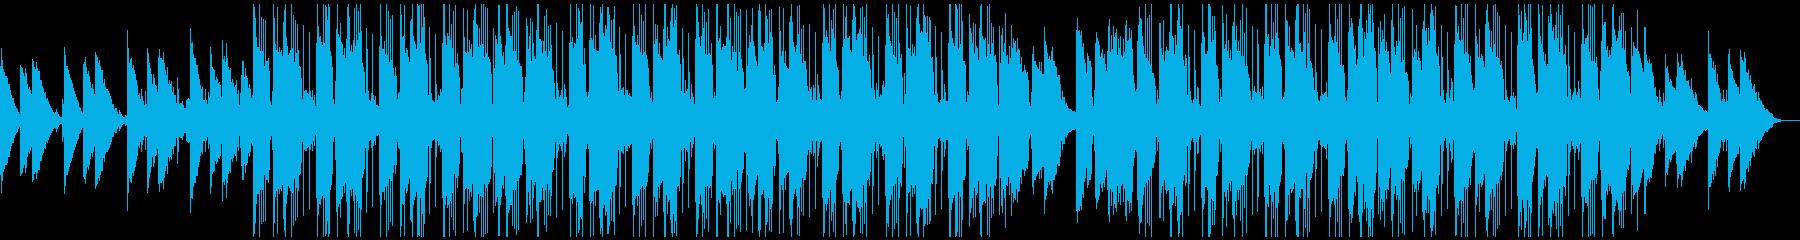 ローファイビート_ファンキー&チルの再生済みの波形